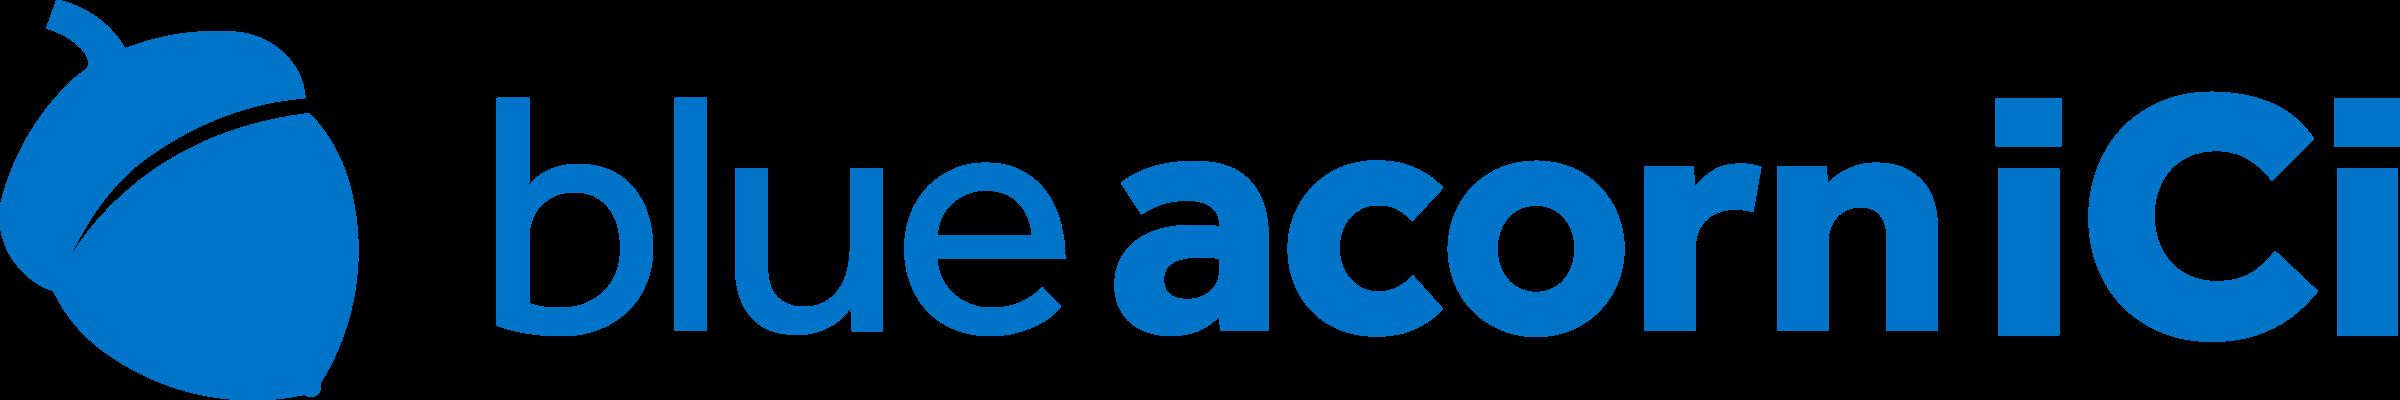 Blue Acorn iCi